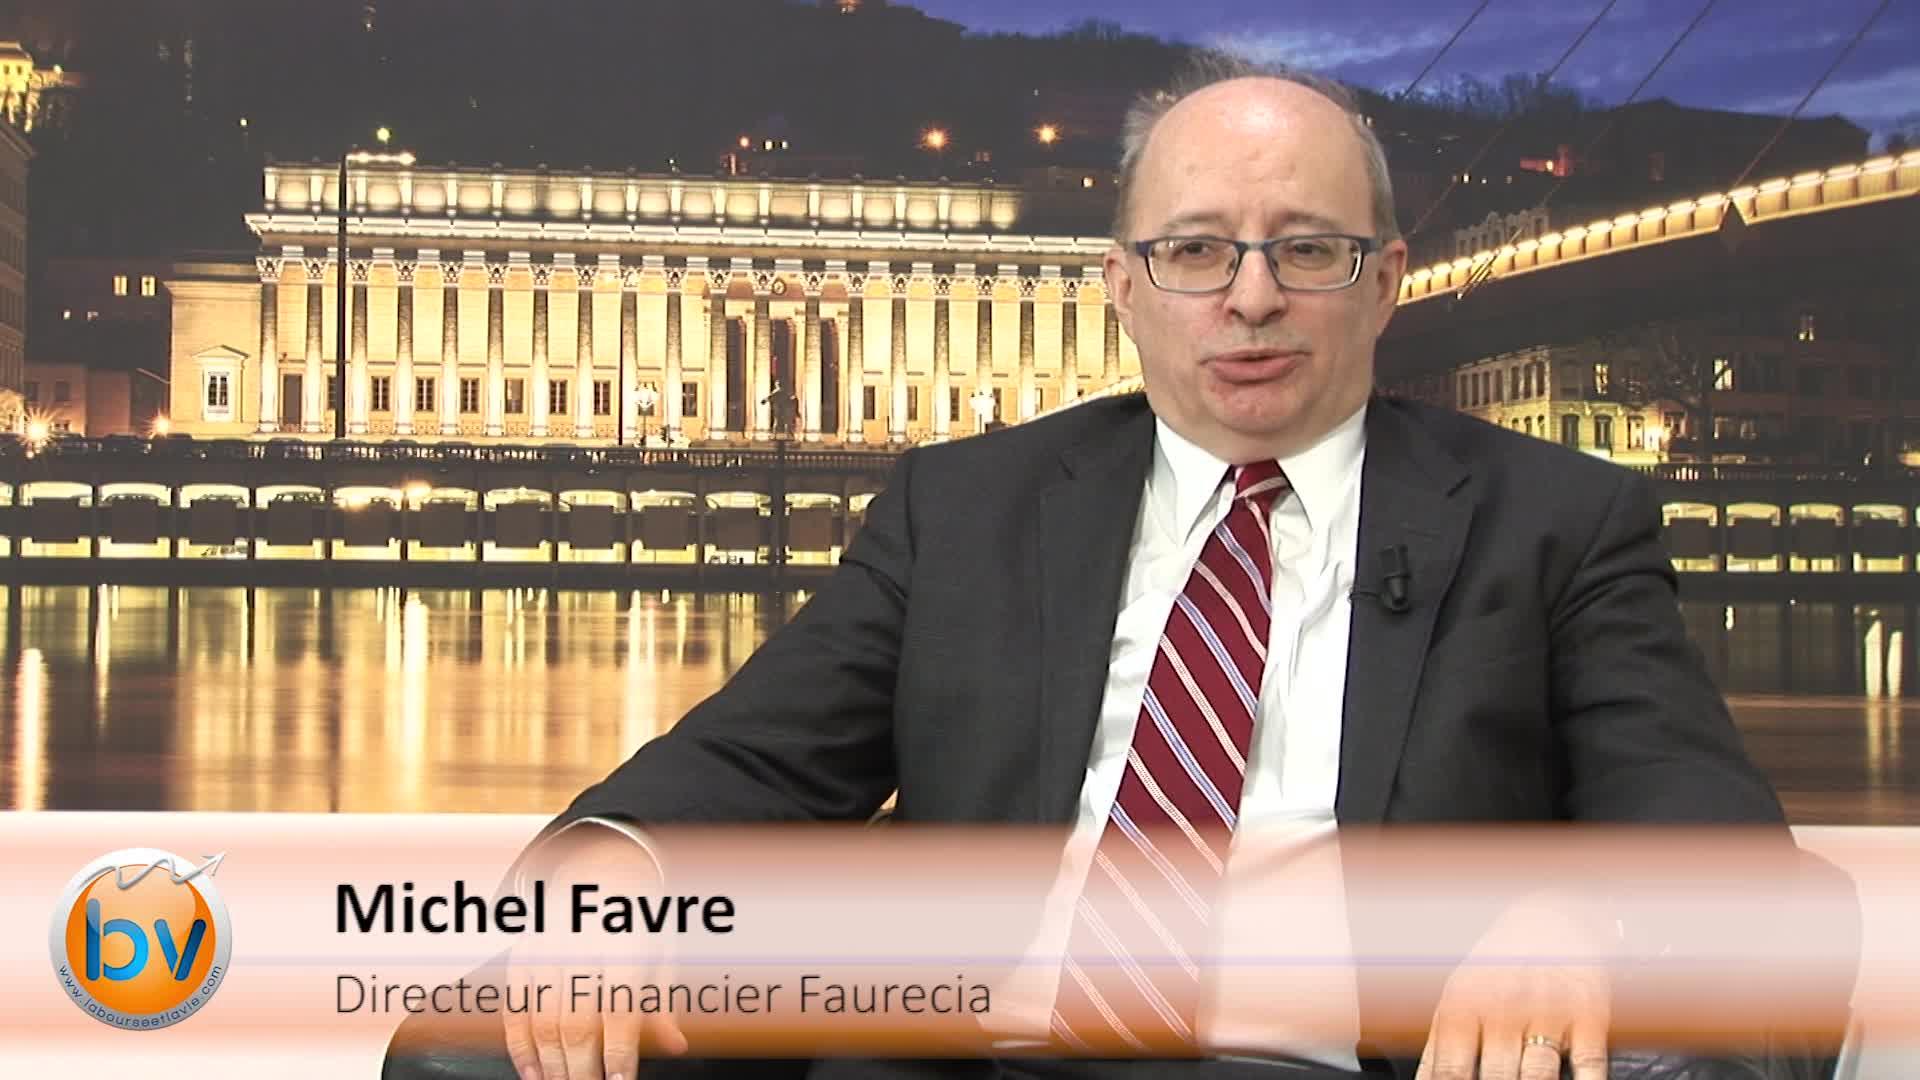 Michel Favre Directeur Financier Faurecia : «Nous allons pouvoir travailler sur des projets d'acquisition»